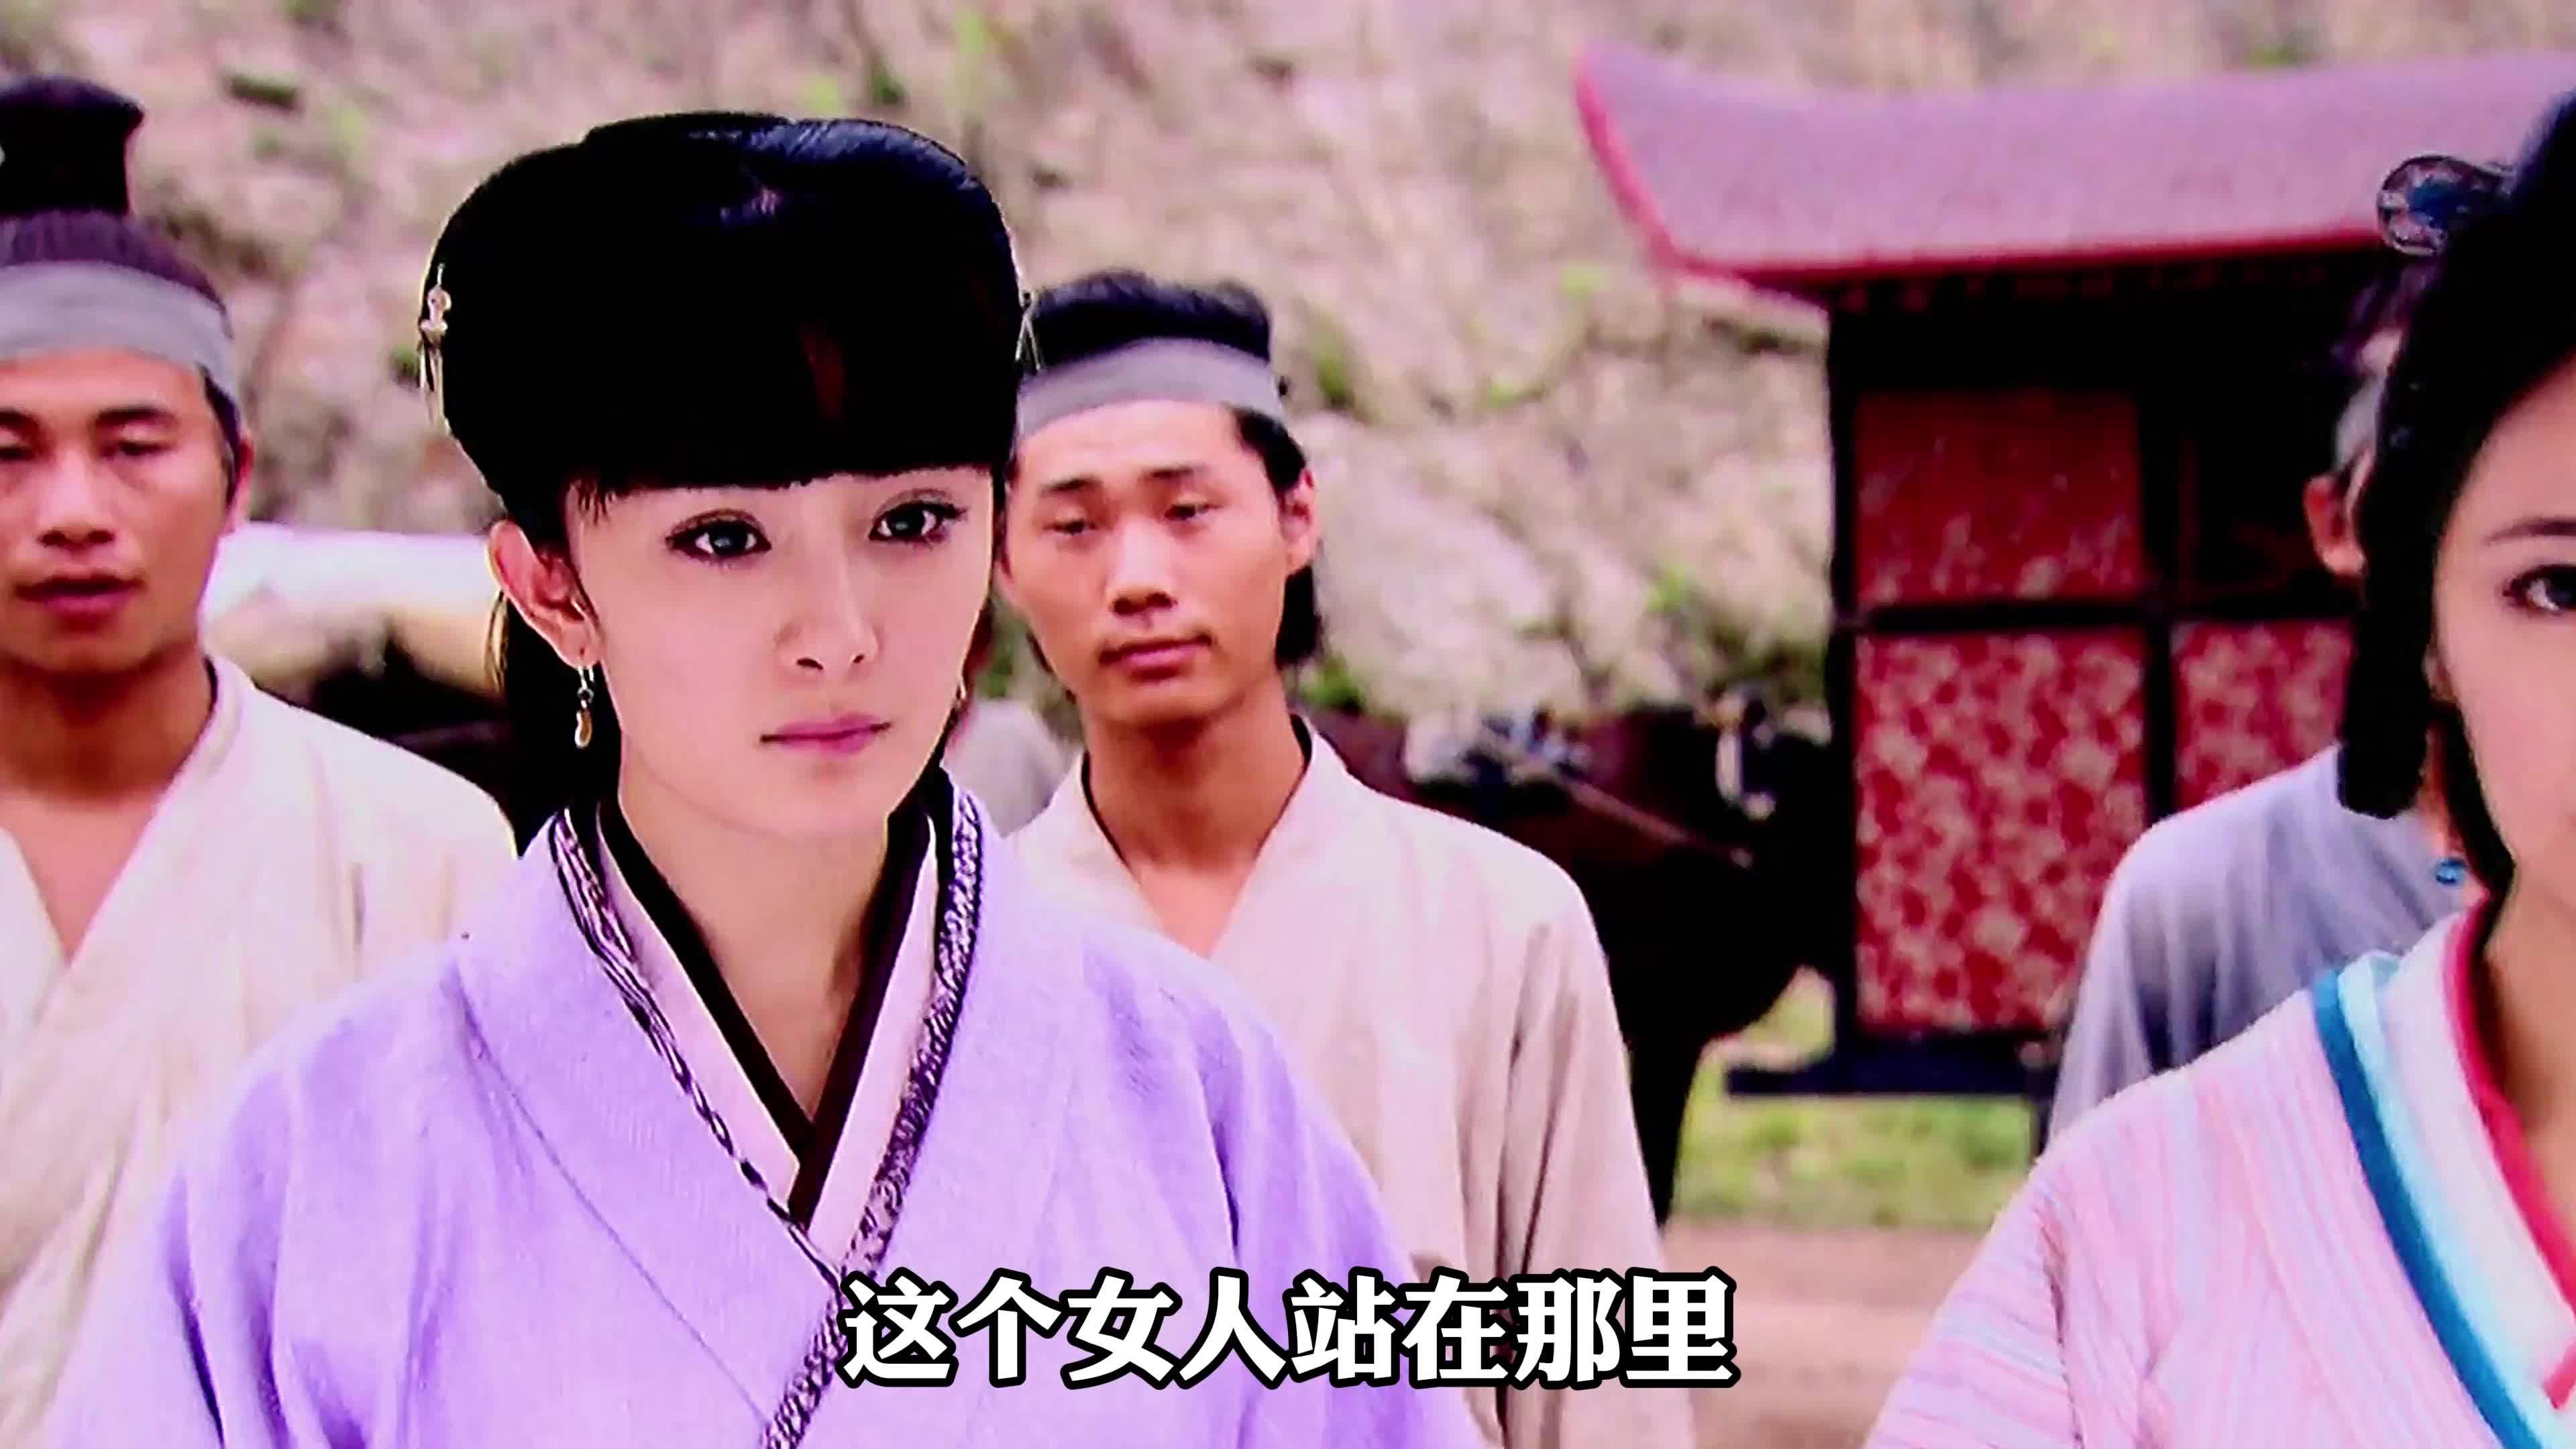 【13】宫女太美丽被蛮人看中,心上人将军霸气救美人!